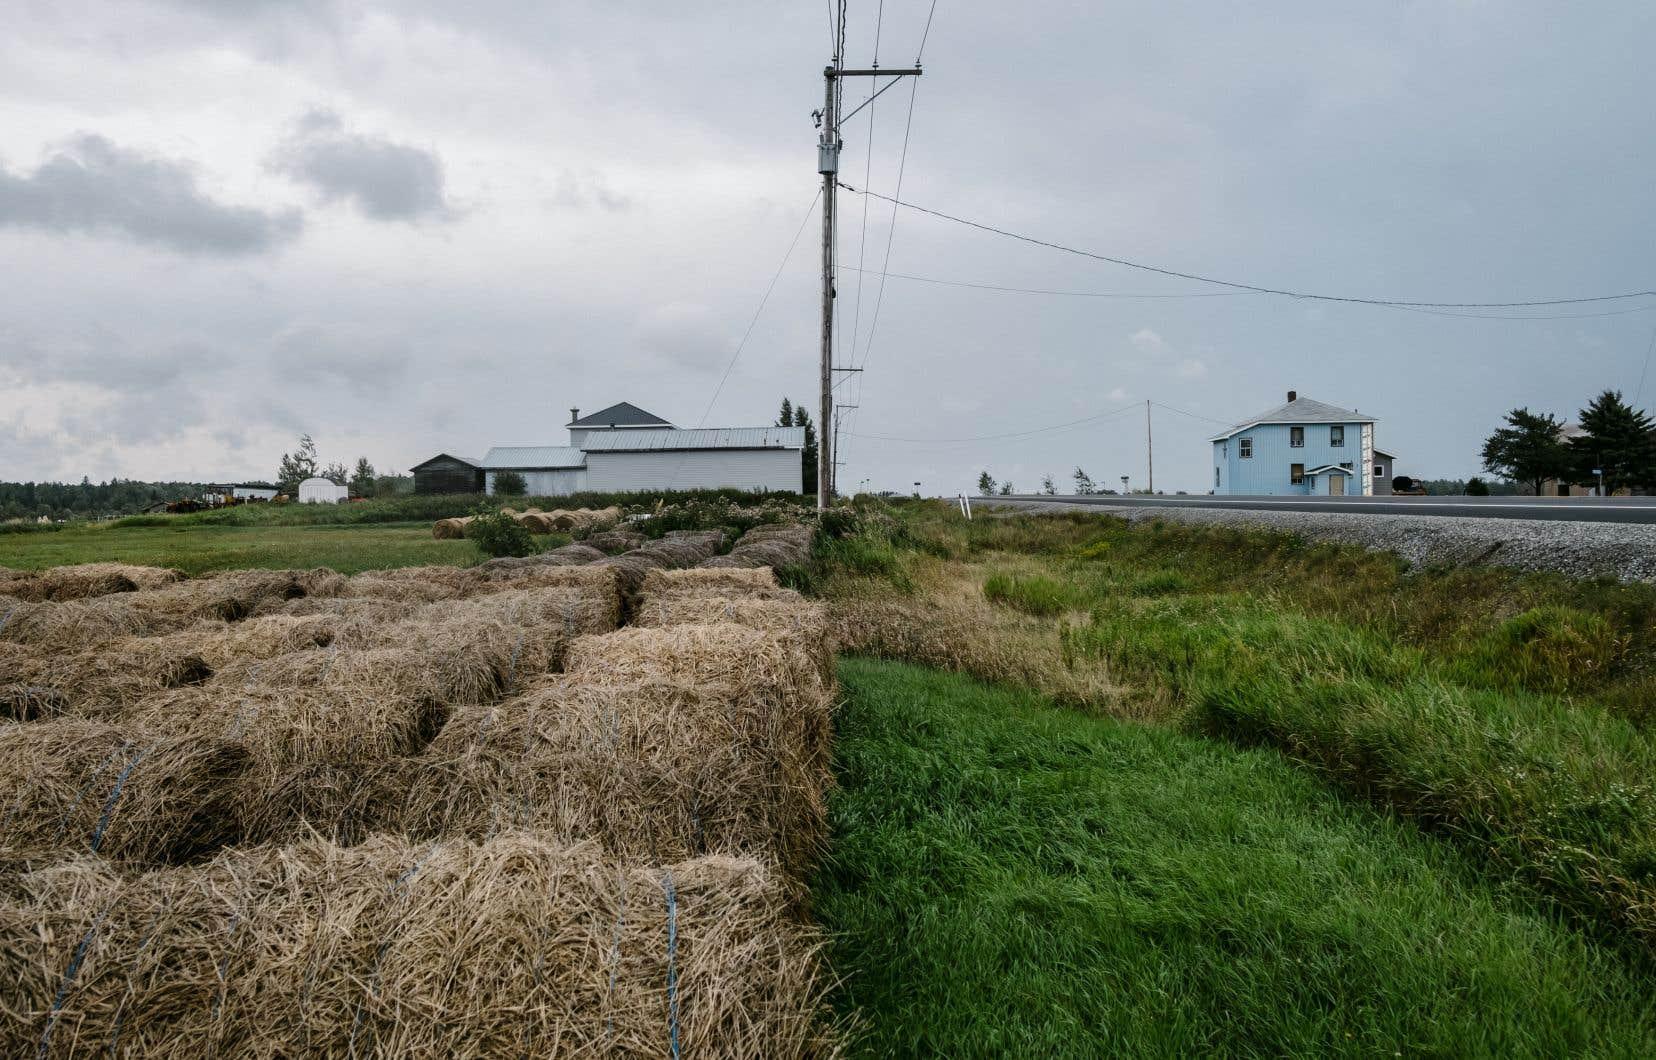 «Contrairement aux fabricants de textiles ou de masques chirurgicaux, qui ont pu aller construire des usines dans les pays où la main-d'oeuvre est moins chère, les terres agricoles ne sont pas délocalisables», écrit l'auteur.